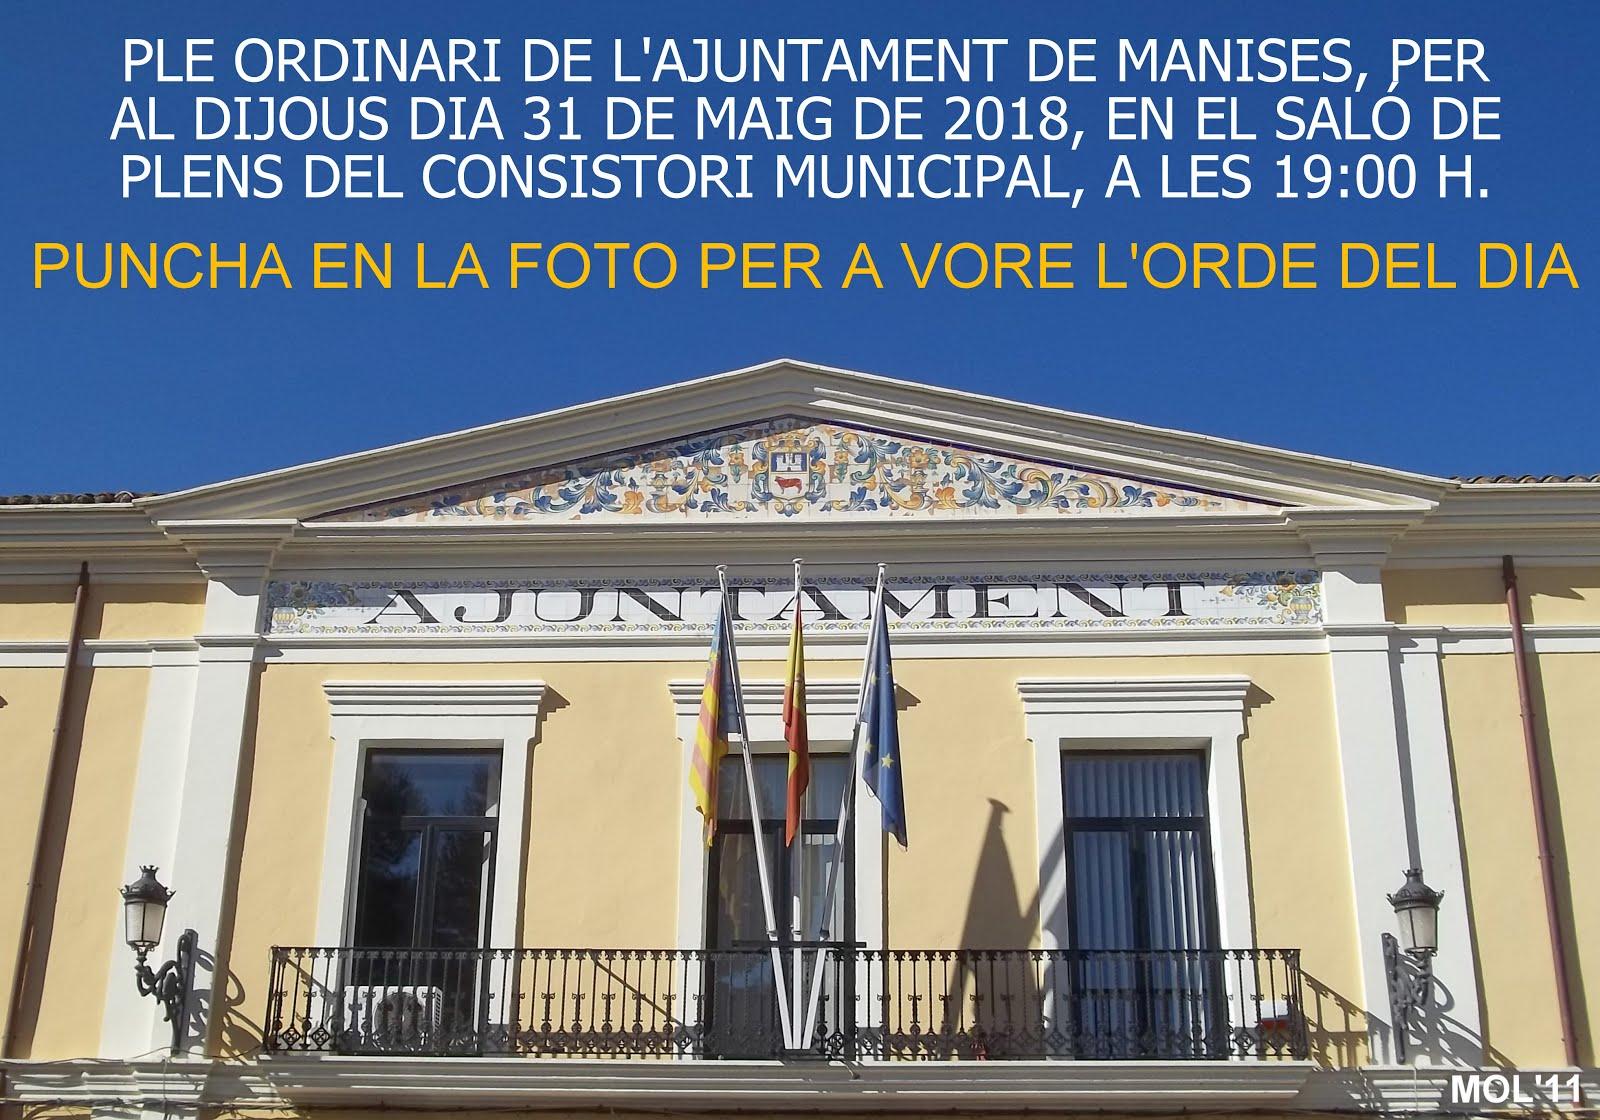 31.05.18 PLENO ORDINARIO DEL AYUNTAMIENTO DE MANISES DEL MES DE MAYO